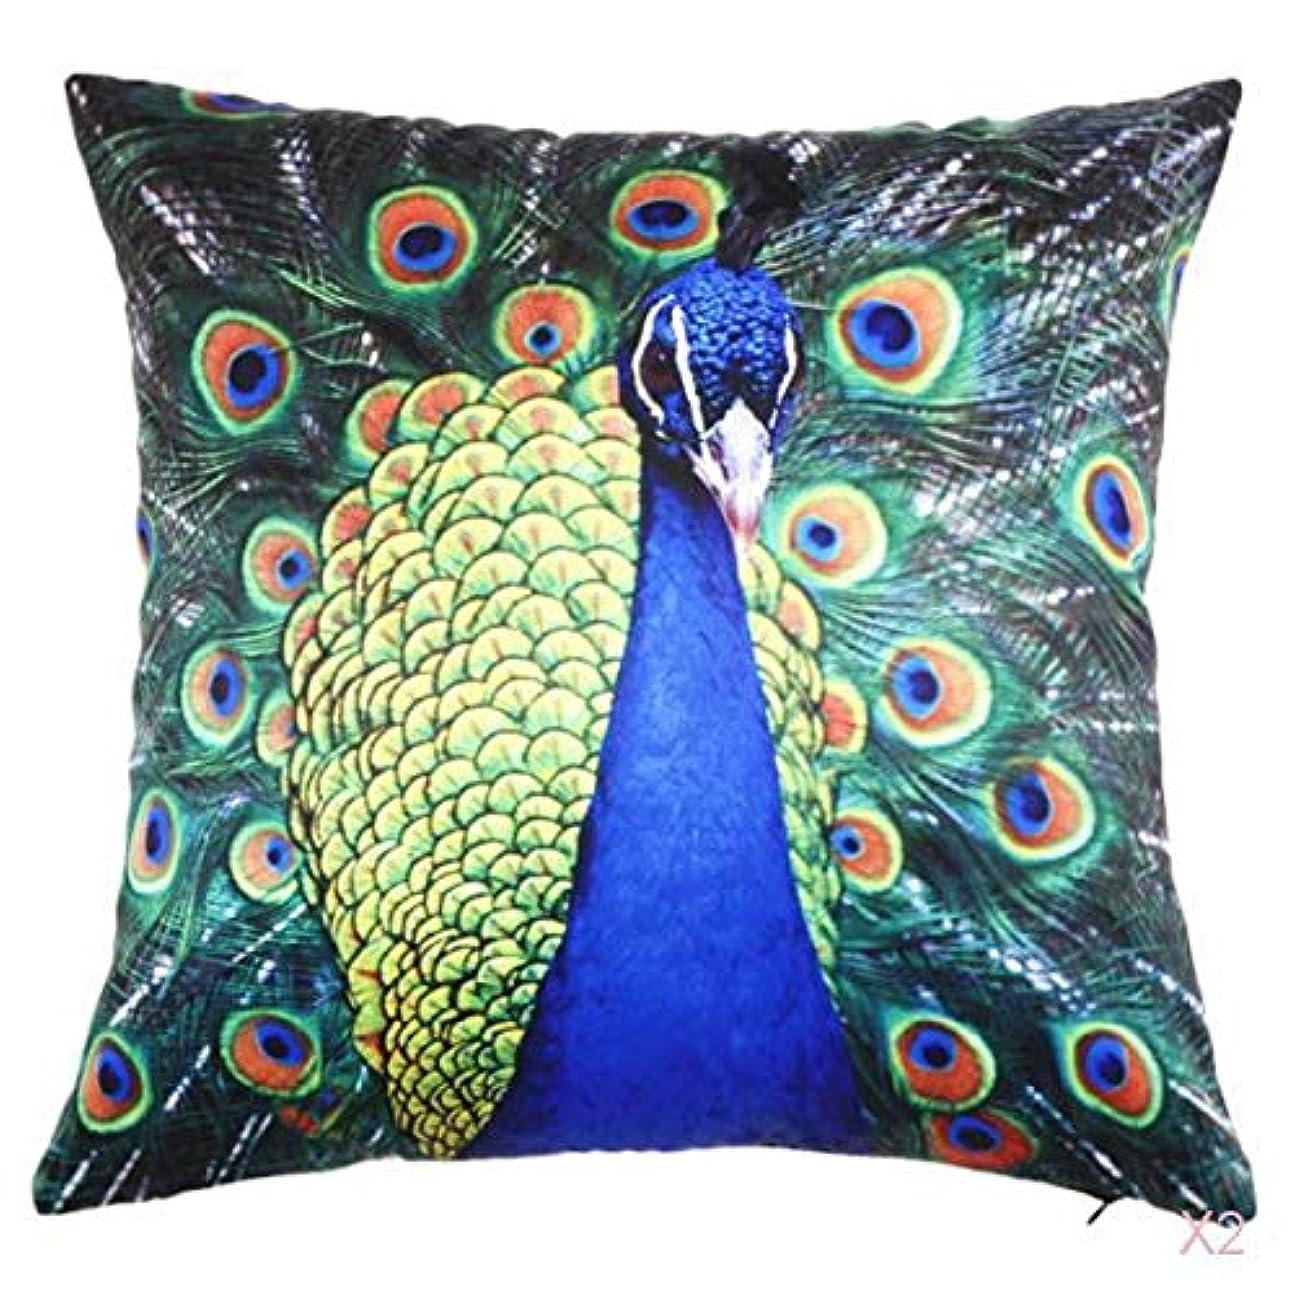 聖域突っ込む調和のとれた45センチメートル家の装飾スロー枕カバークッションカバーヴィンテージ孔雀のパターン03